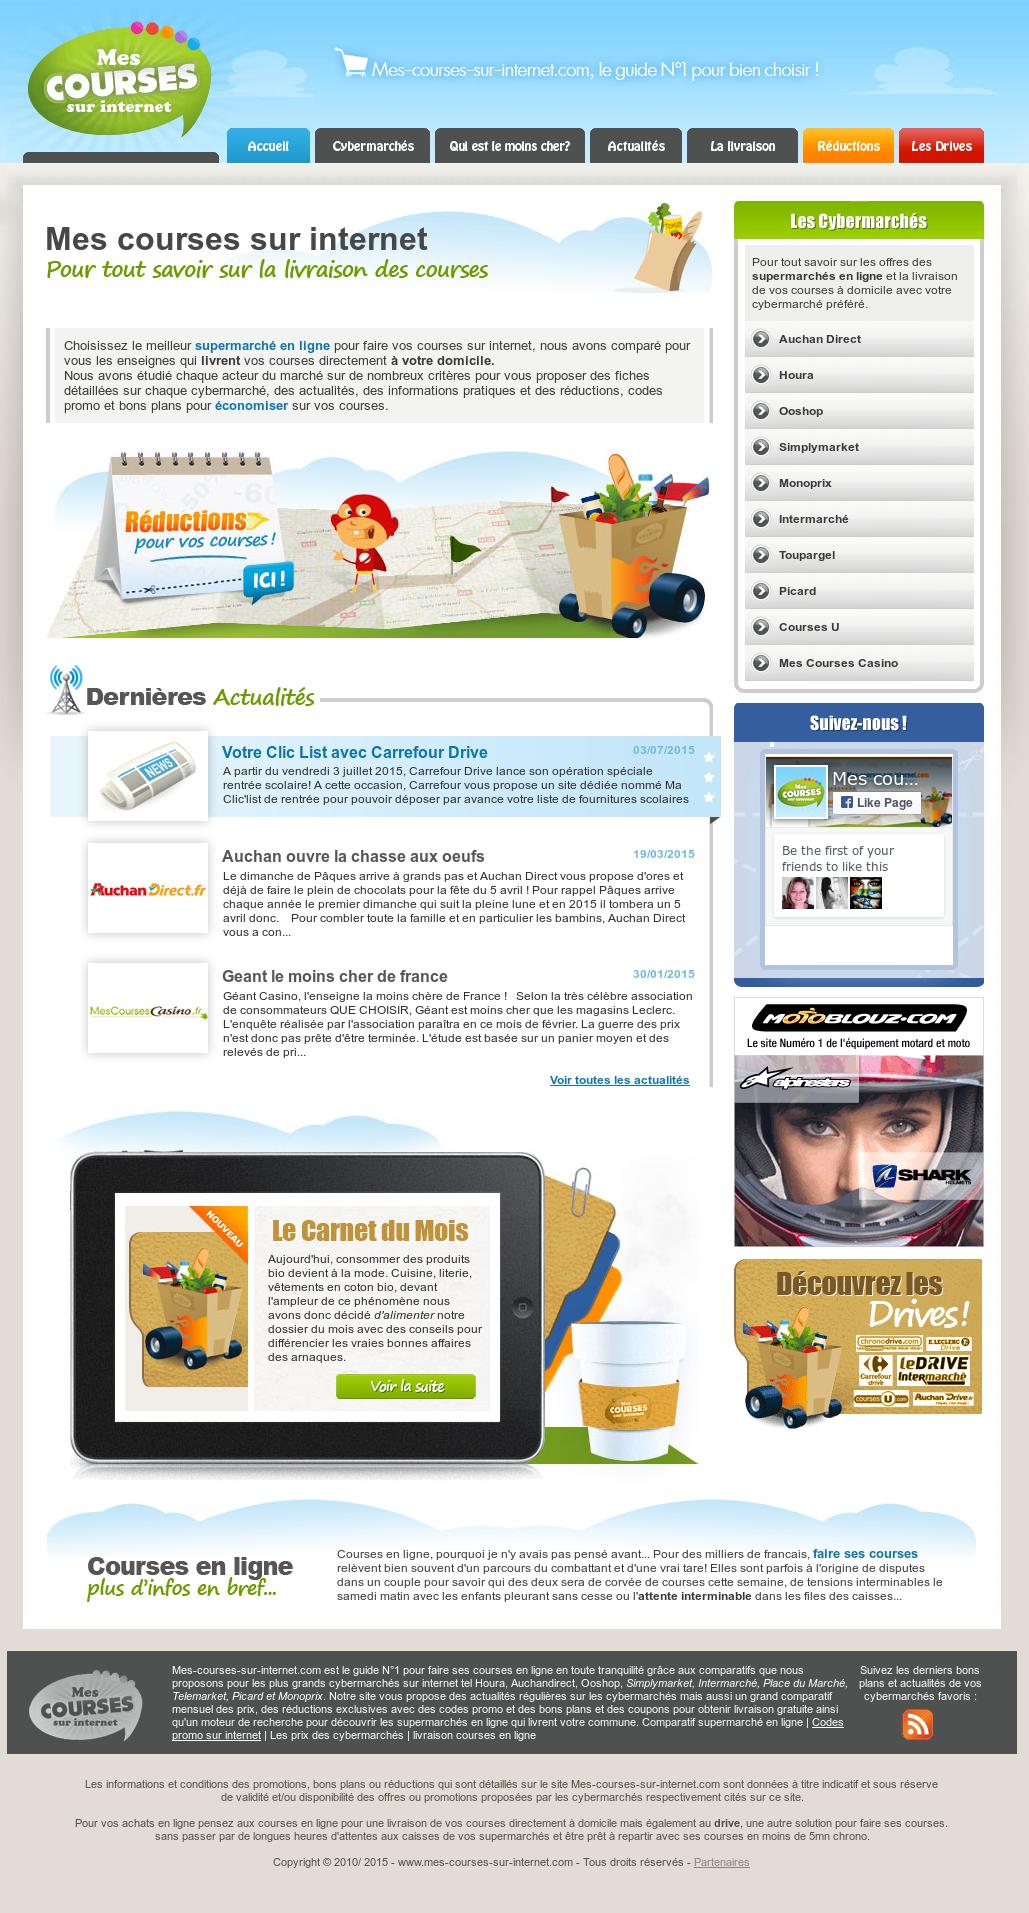 Astuces Pour Faire Des Économies Sur Les Courses mes courses sur internet competitors, revenue and employees